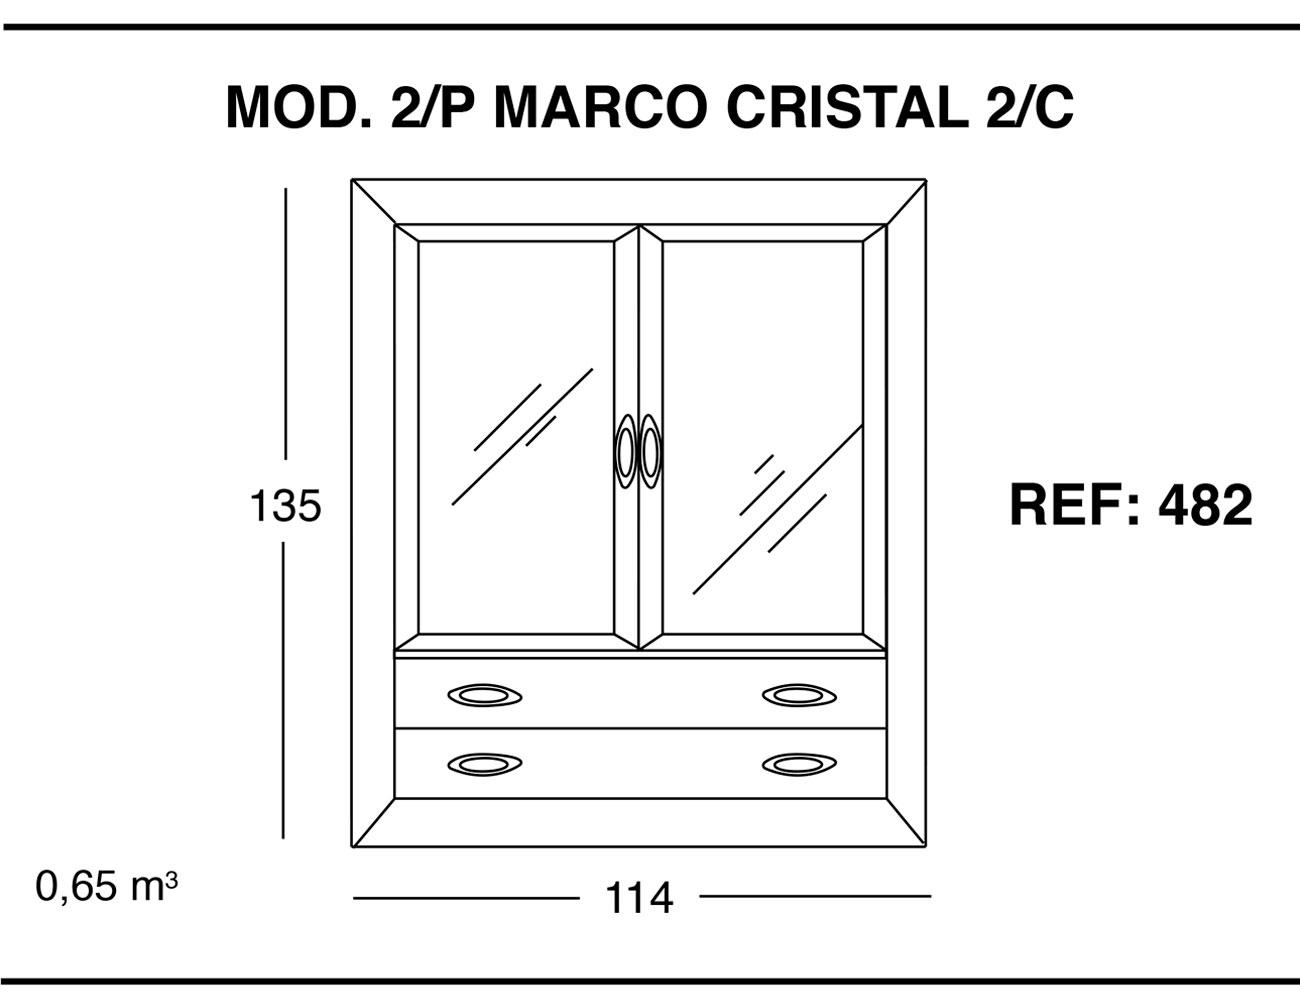 Modulo 2 puertas marco cristal 2 cajones1